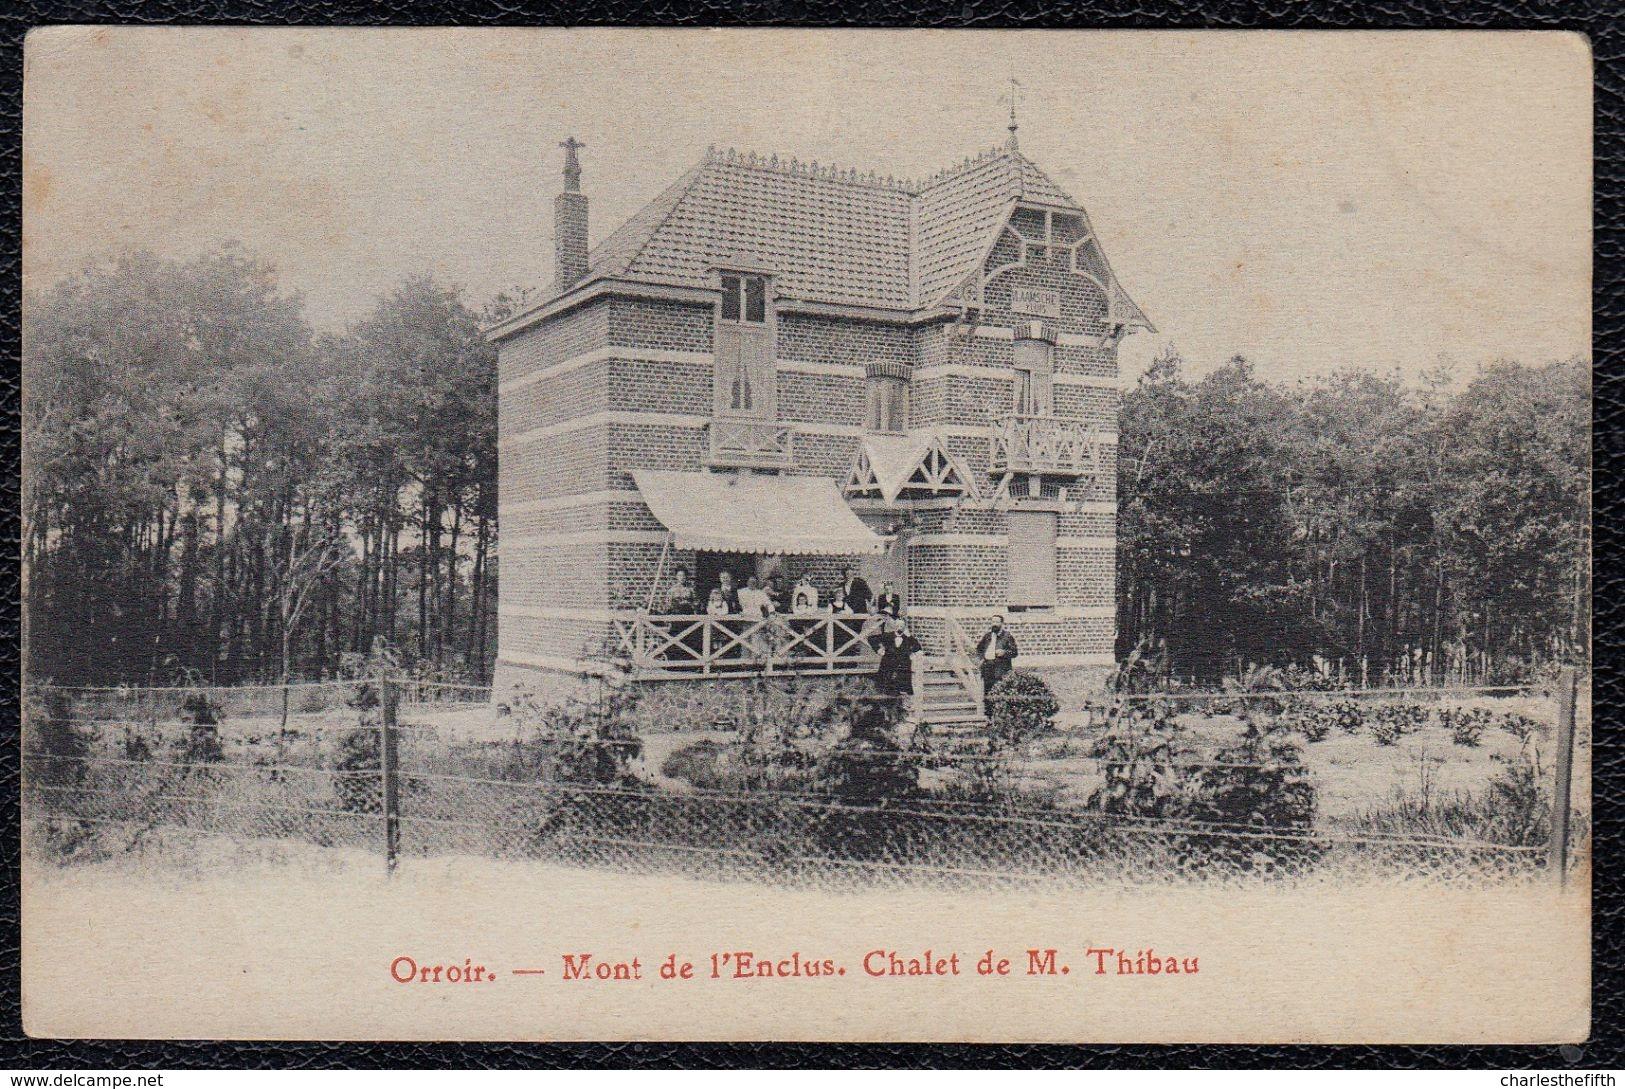 ORROIR - MONT DE L'ECLUS --- CHALET DE M. THIBAU - Zeer Mooi !! - Kluisbergen